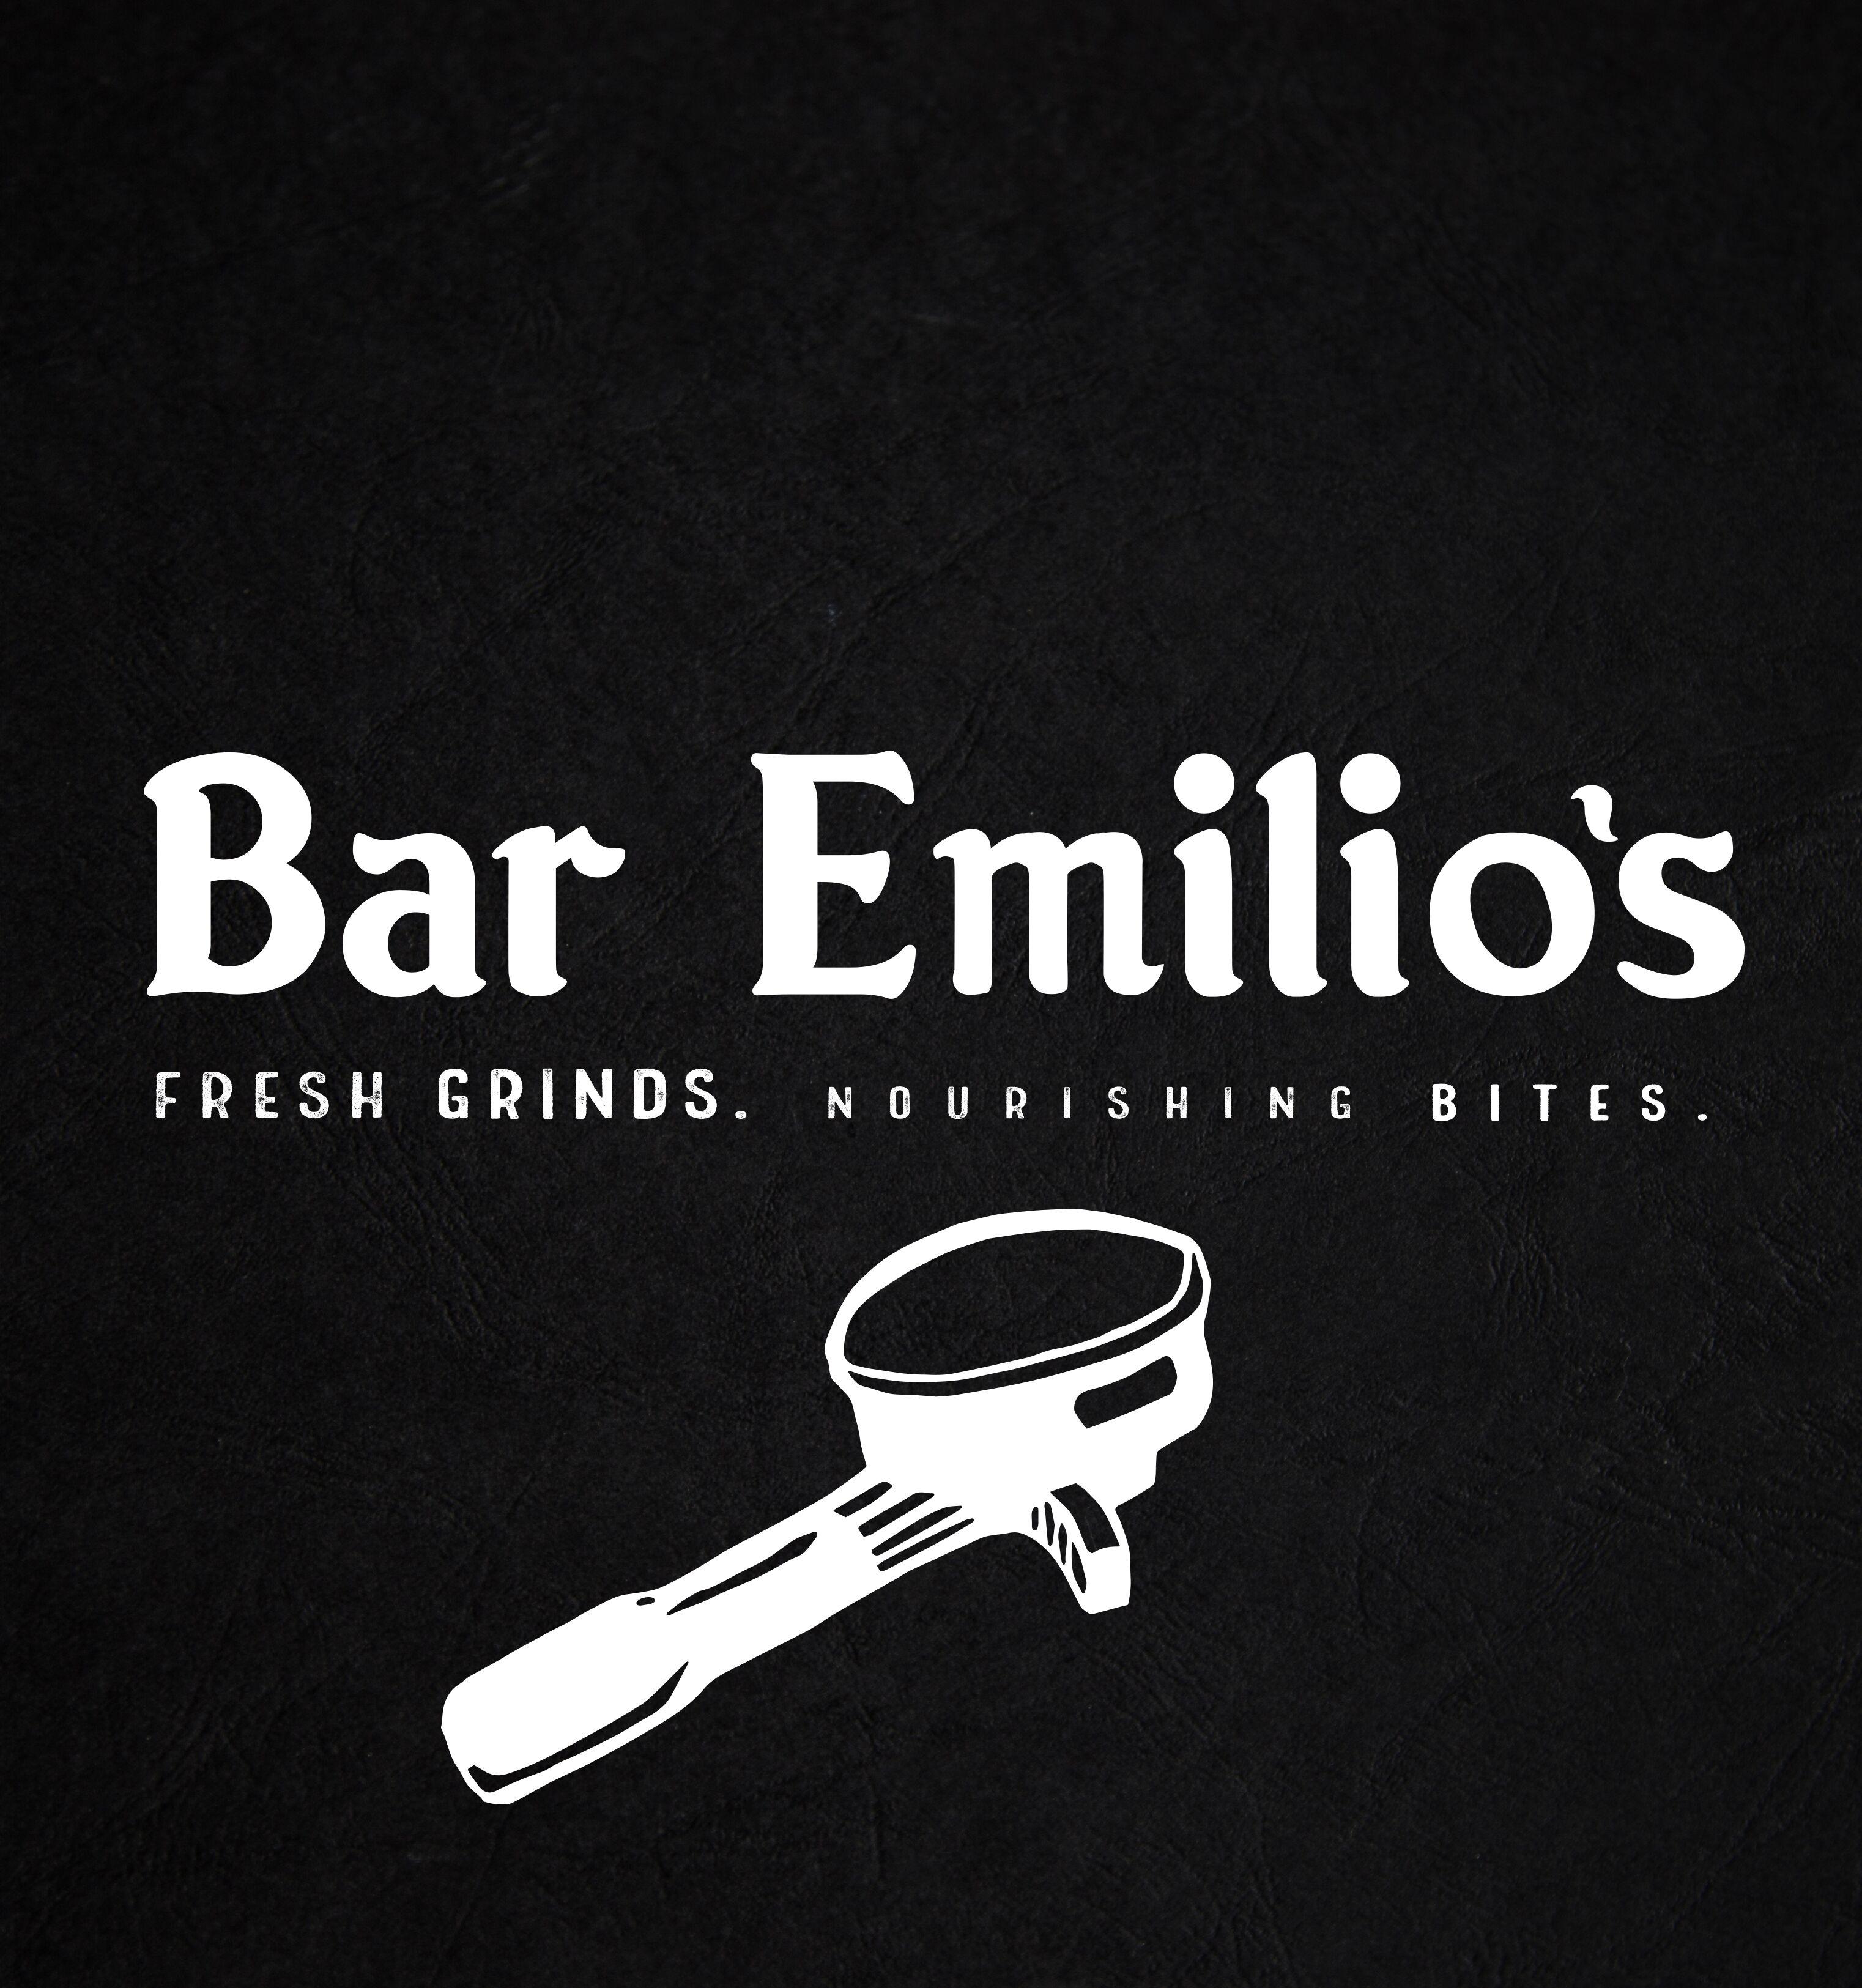 Bar Emilio's